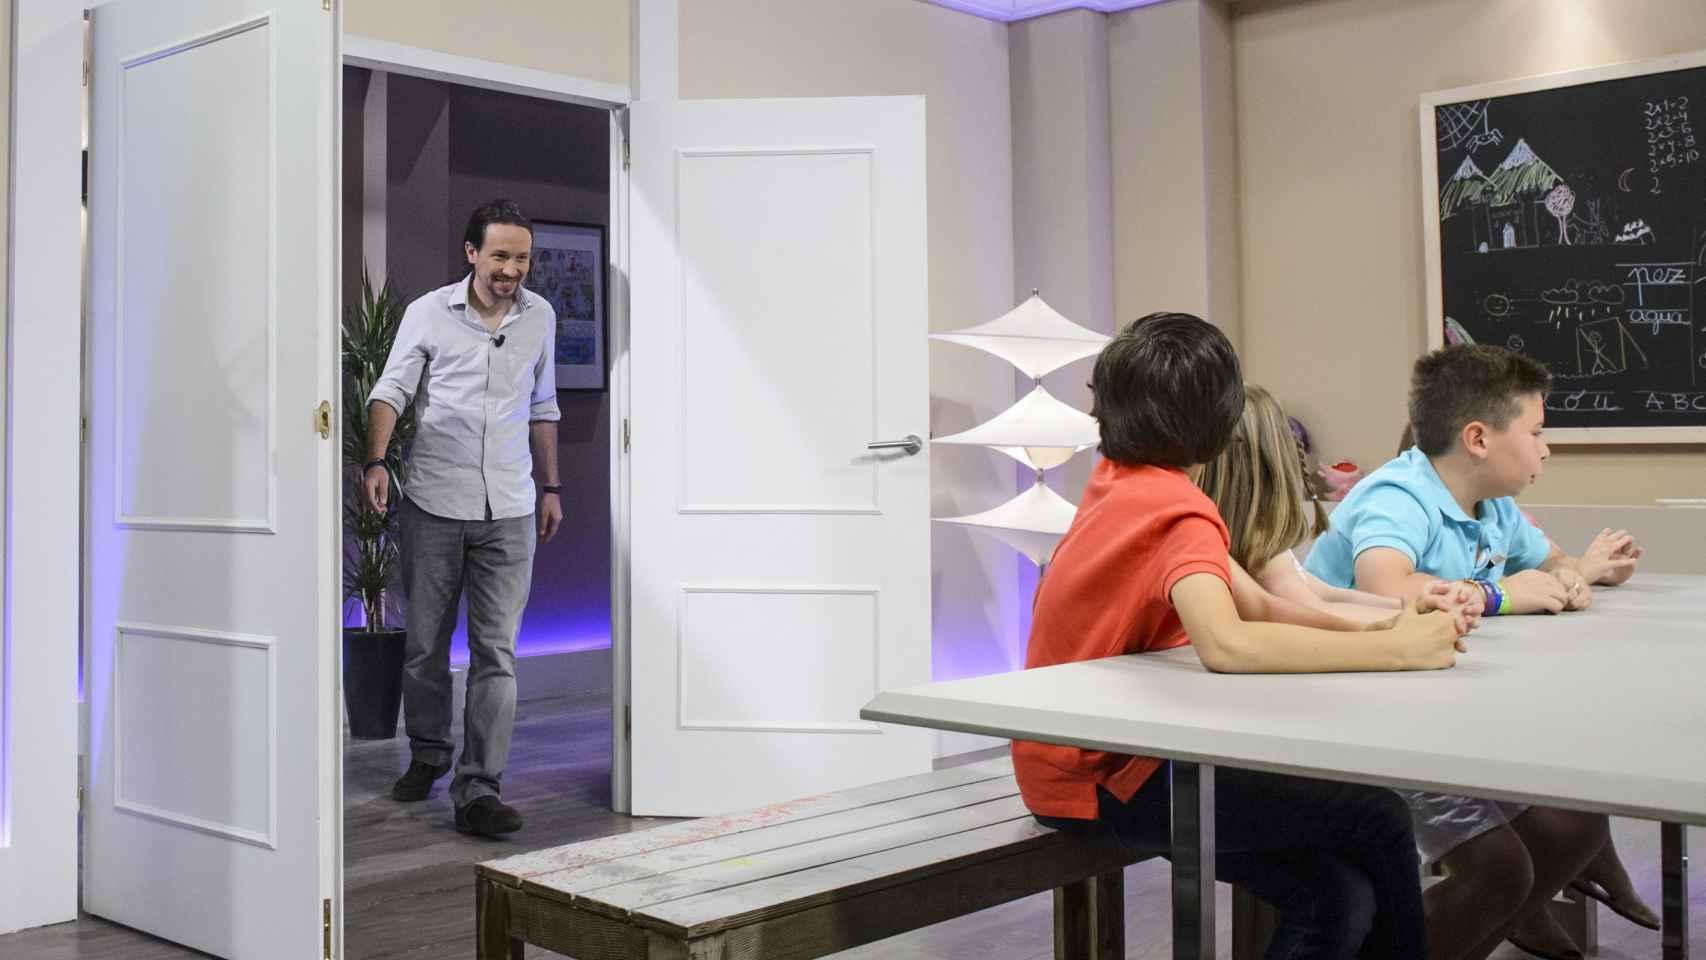 El encuentro entre Pablo Iglesias y los niños de '26-J, quiero gobernar' en Telecinco